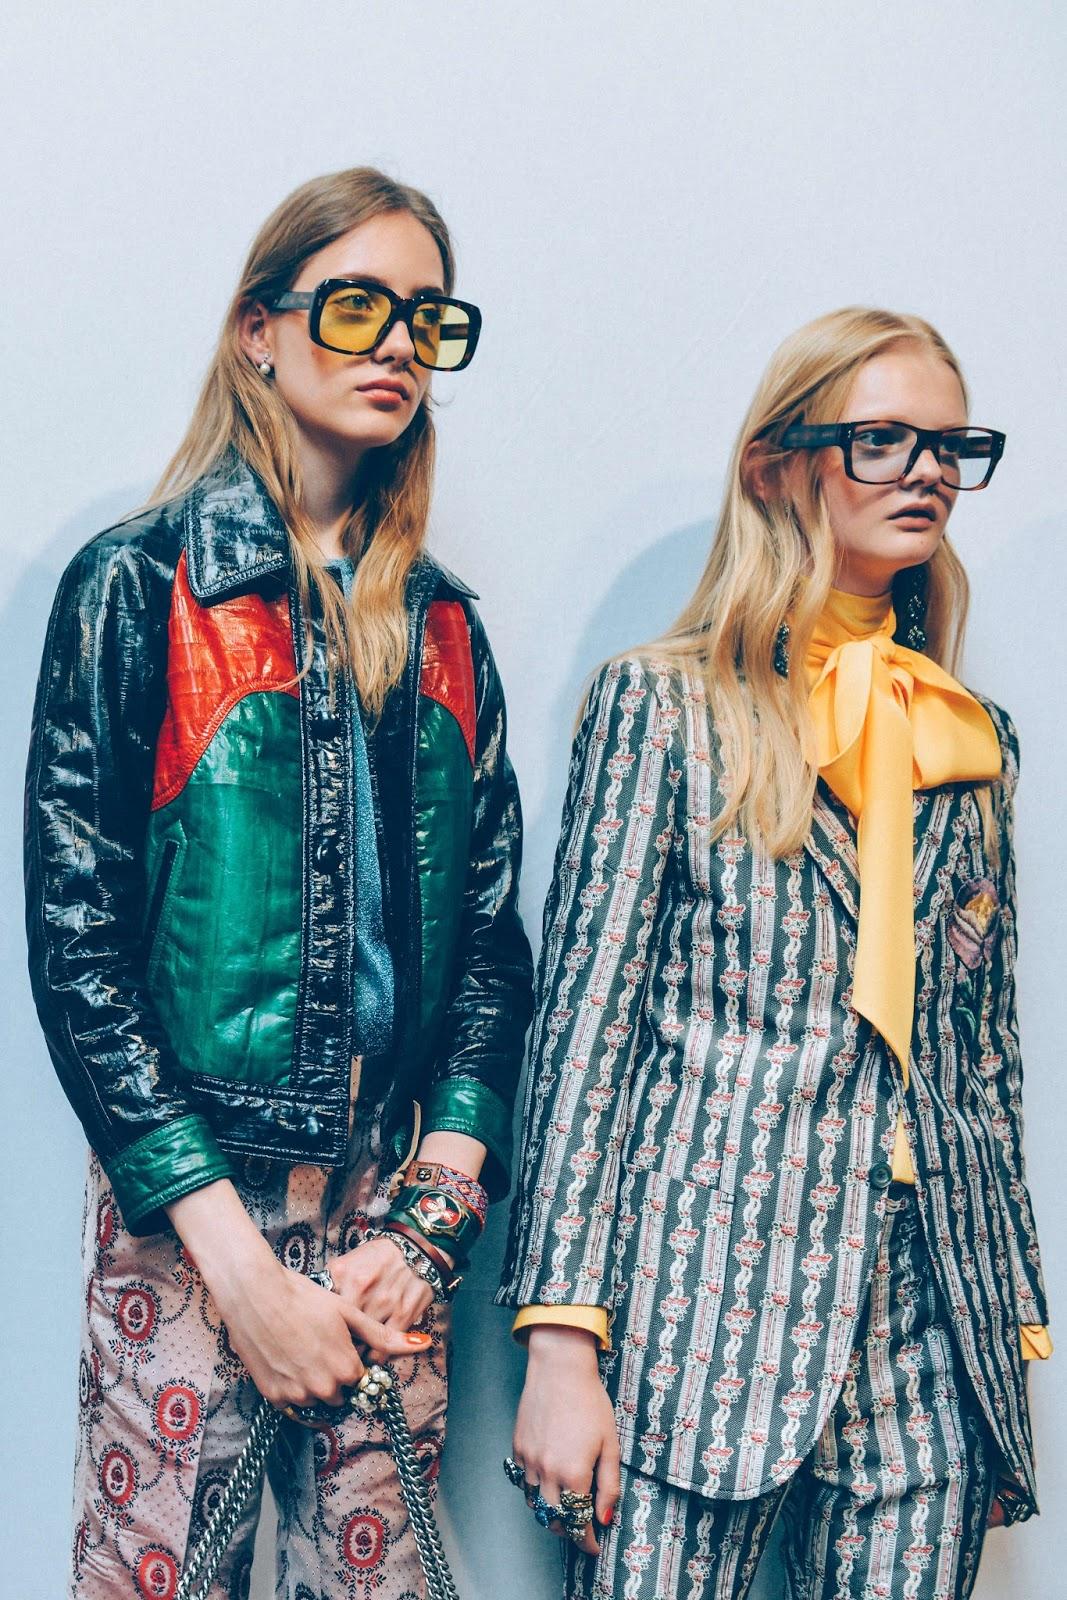 Модный аксессуар 2016 - очки в массивных оправах.